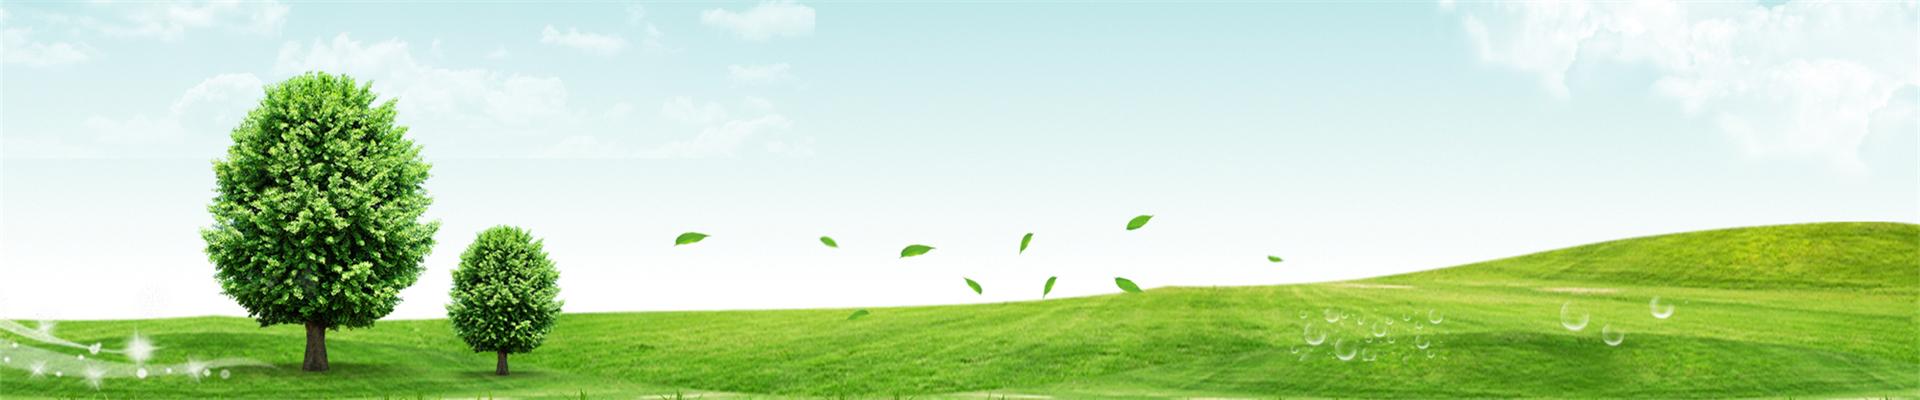 环保项目图片素材